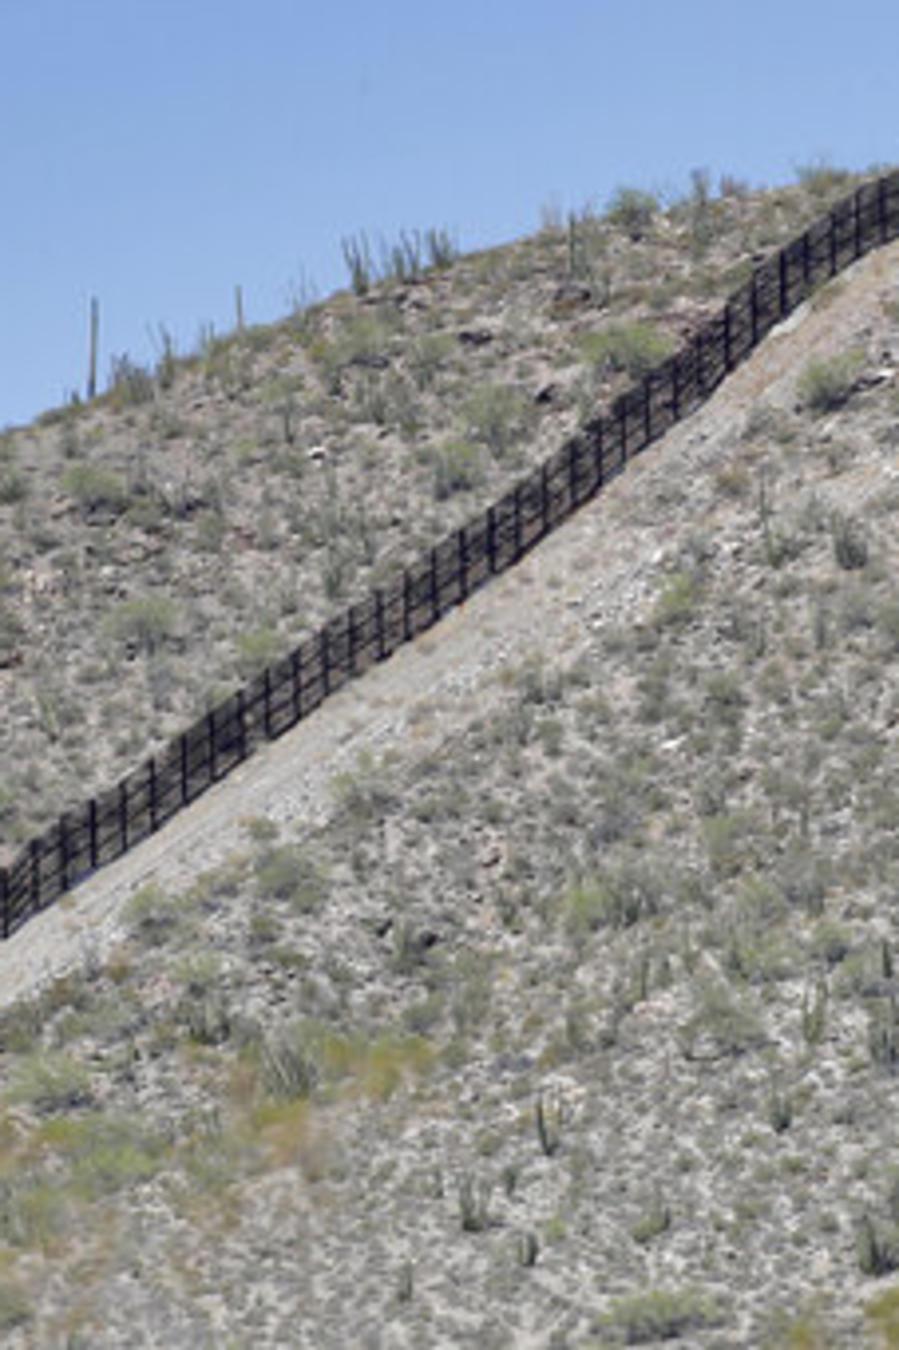 Un tramo de la valla que separa la frontera entre EEUU y México a la altura de lukeville, Arizona.